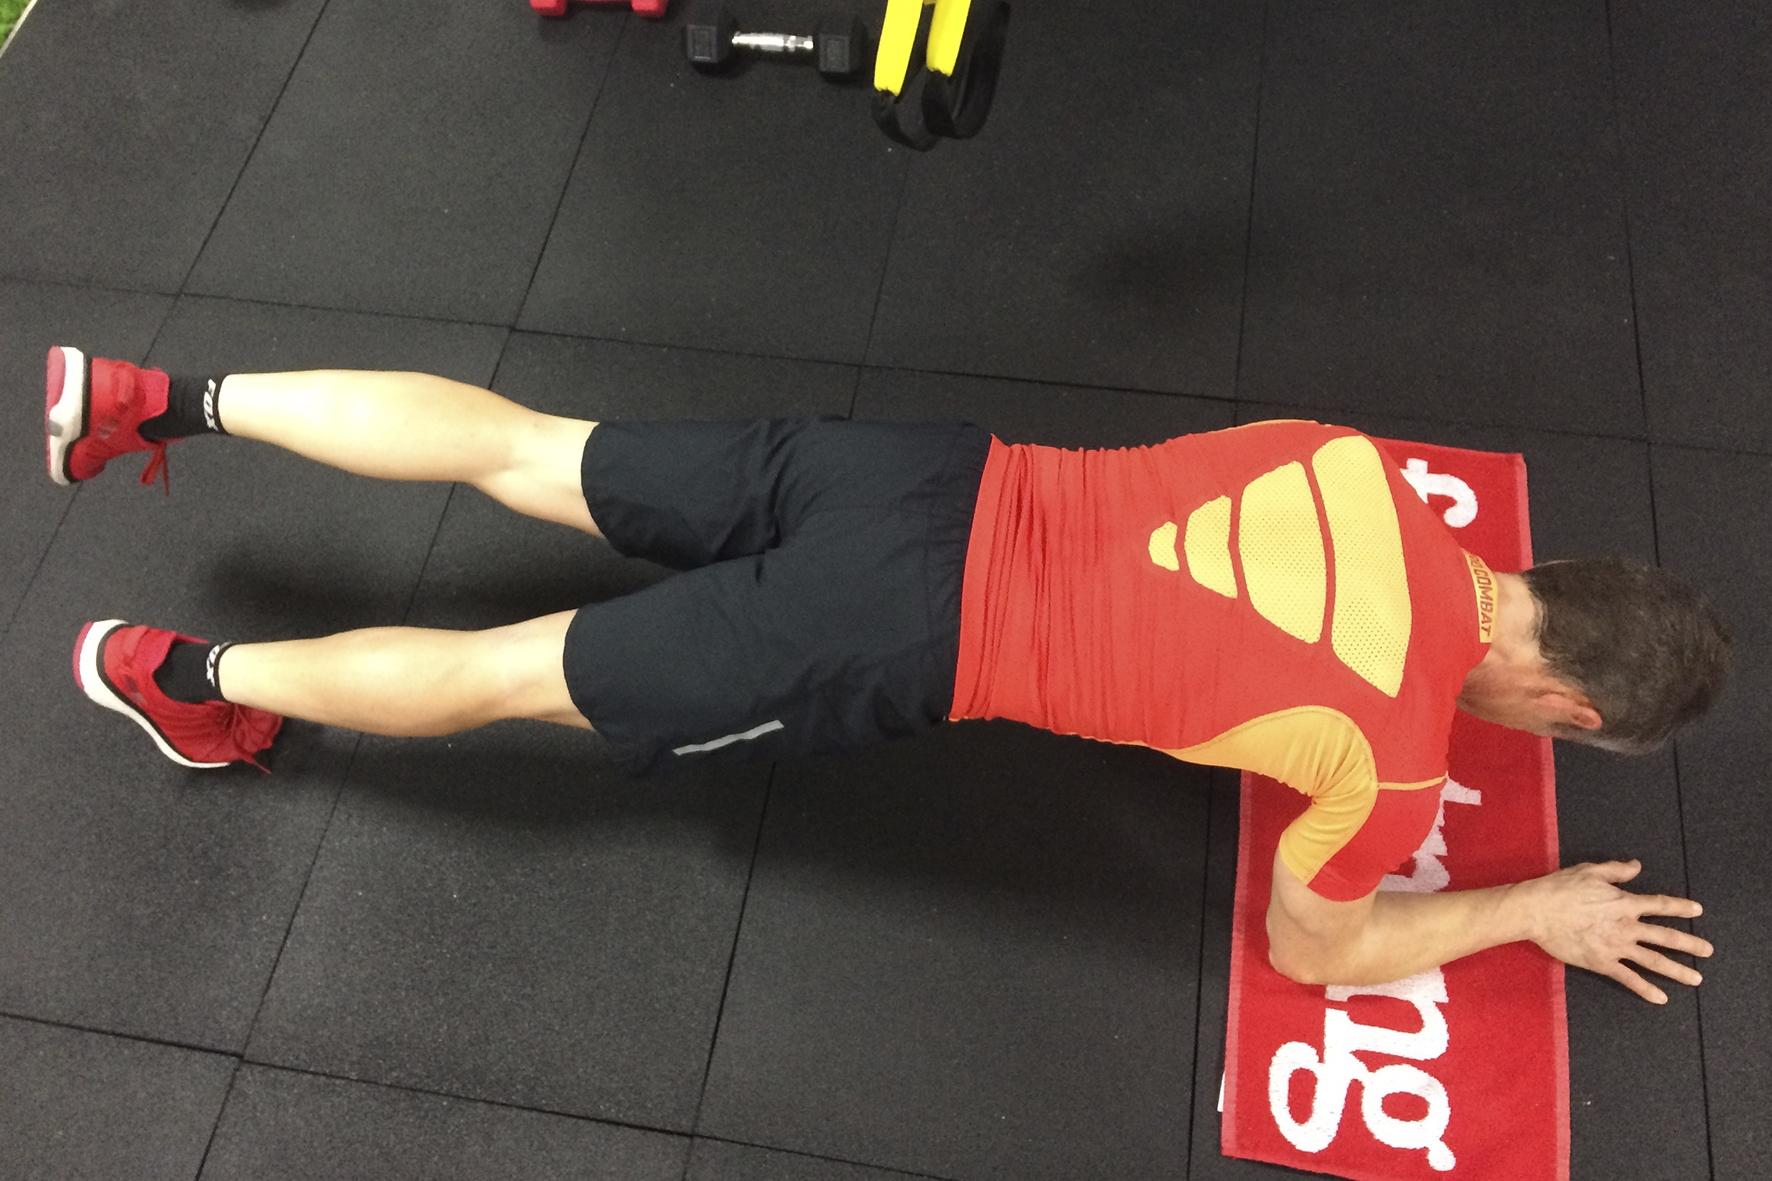 Entrenamiento Funcional 10 Feel Strong Sienttfuerte Sala de entrenamiento en Navalcarnero Madrid